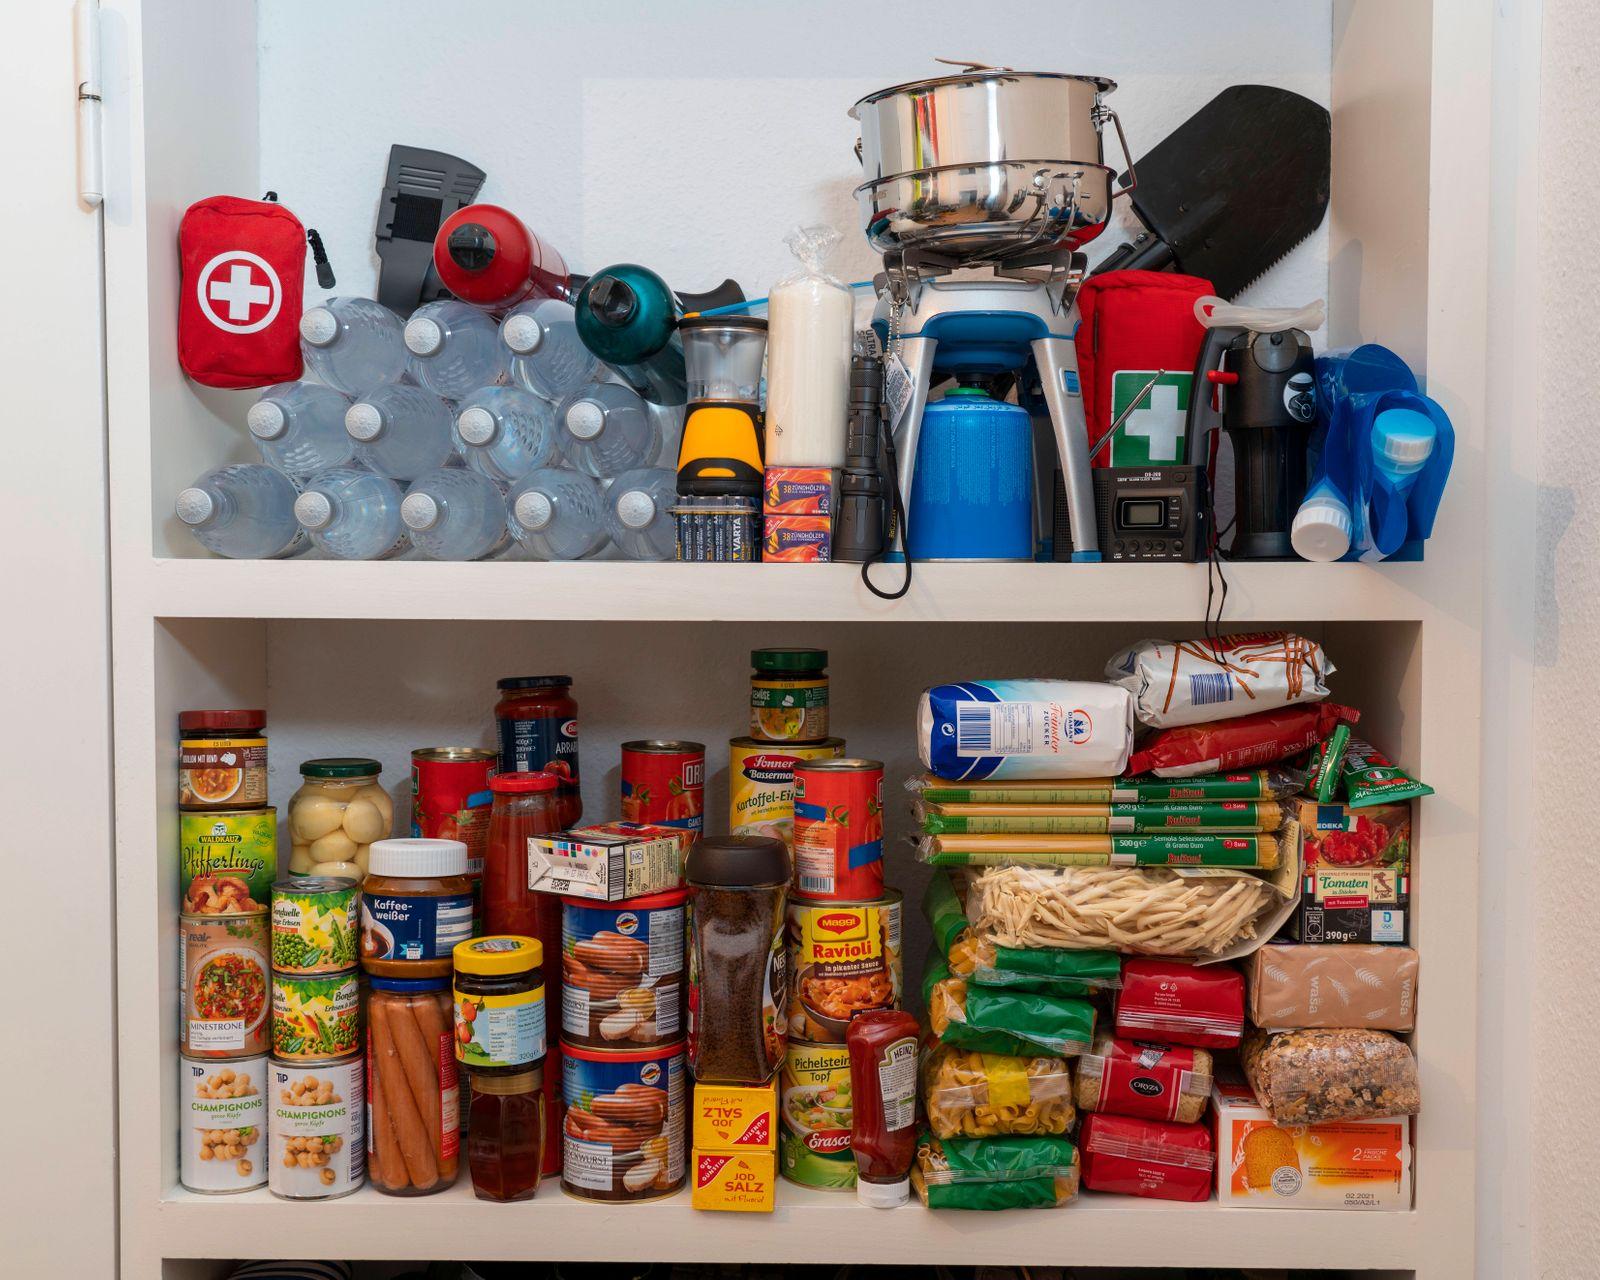 Notfallvorsorge, Lebensmittel Vorrat in einem Privaten Haushalt, Regal mit lange haltbaren Lebensmitteln, Vorrat für 10